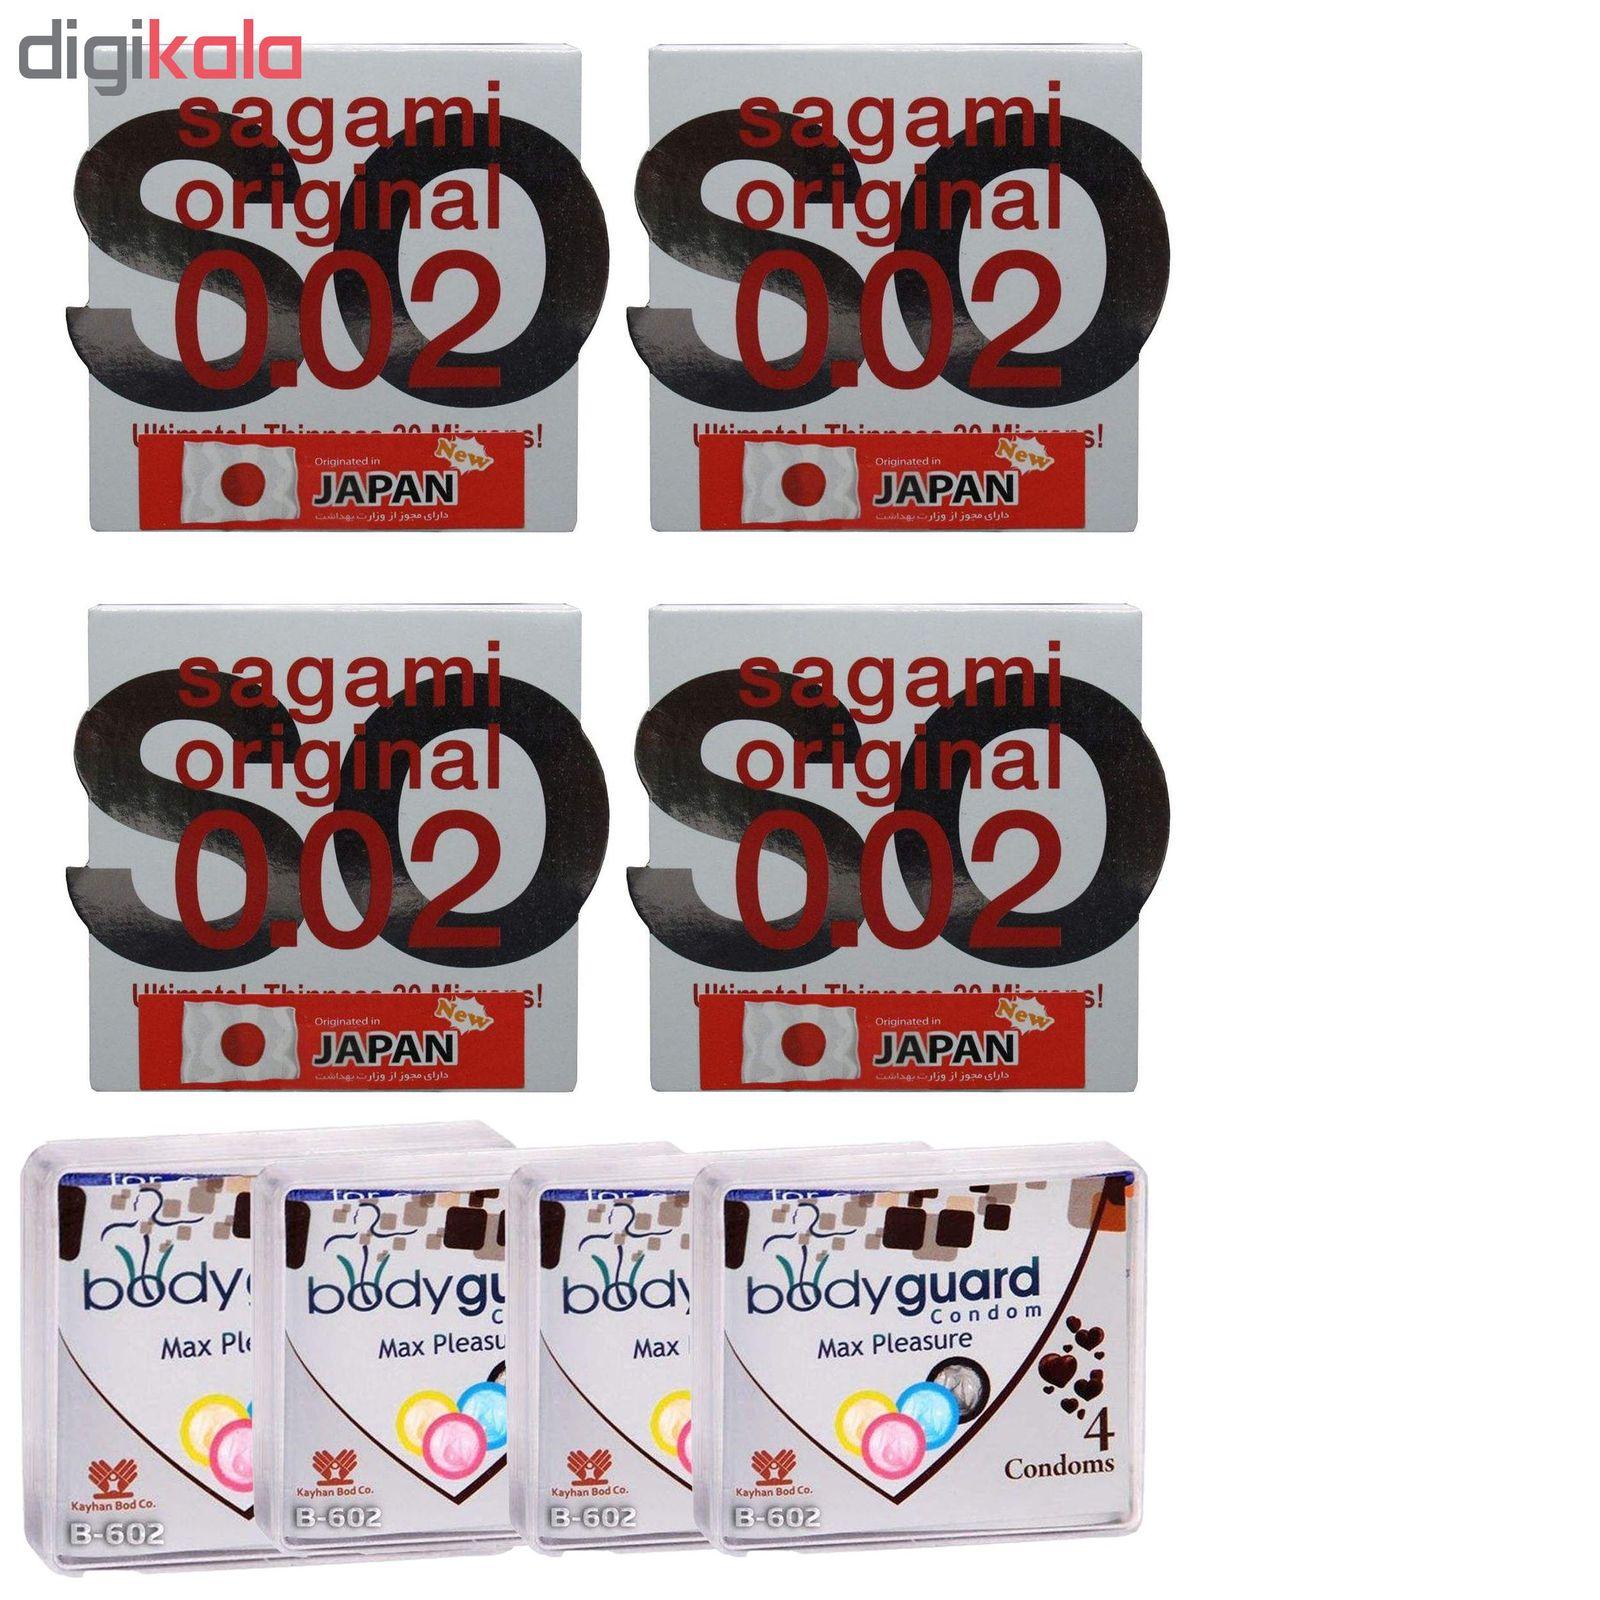 کاندوم ساگامی مدل نرمال مجموعه 4 عددی به همراه کاندوم بادی گارد مدل مکس پلژر مجموعه 4 عددی main 1 1